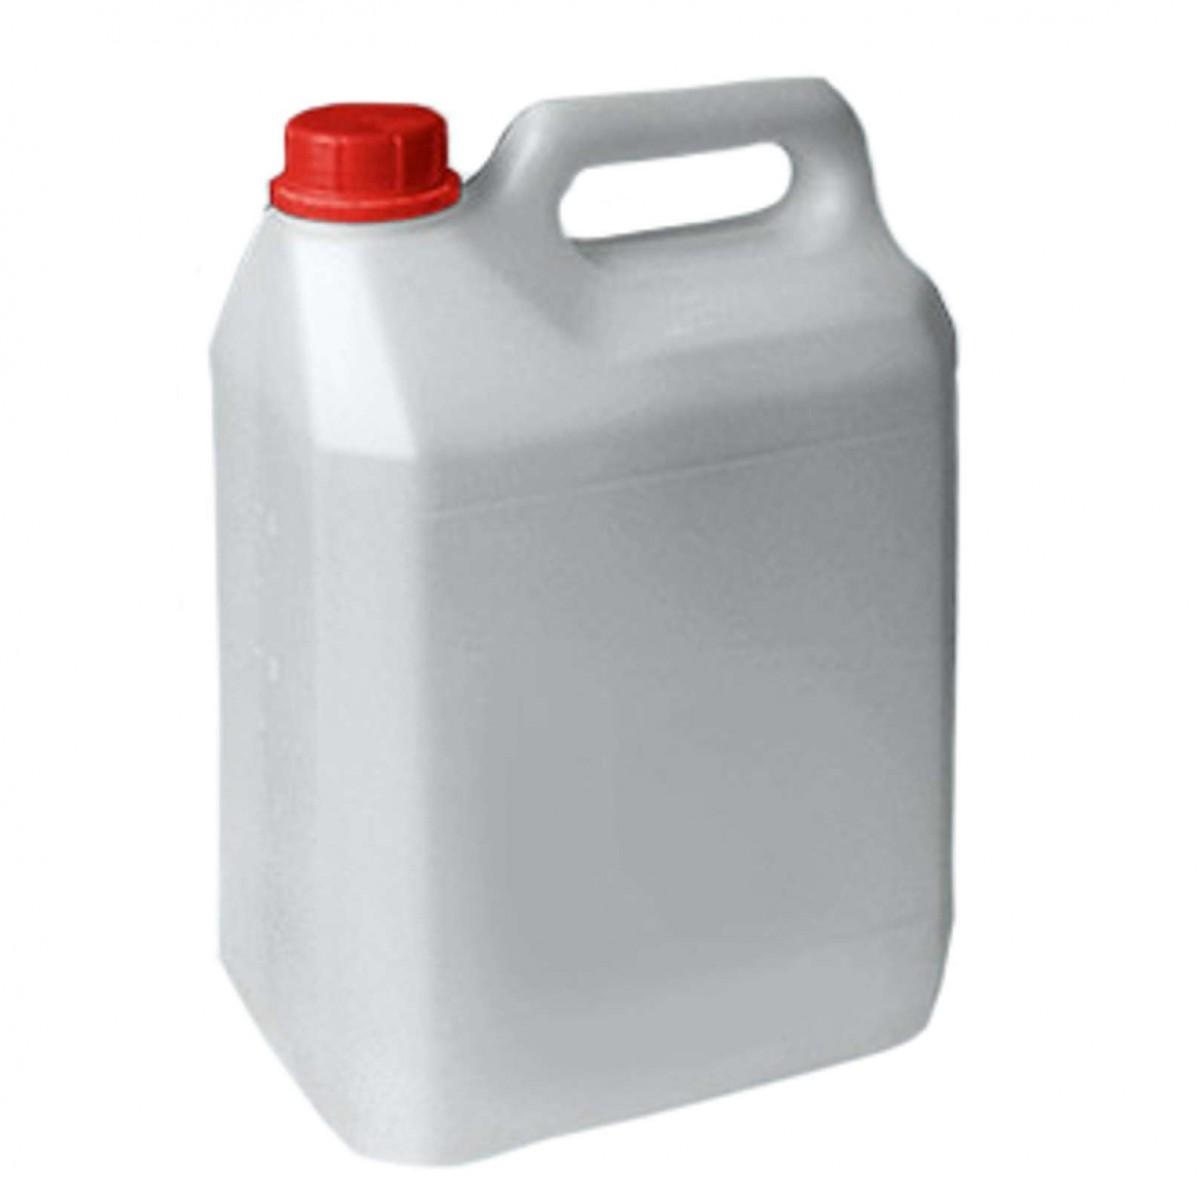 Абсолютированный изопропиловый спирт АИПС (ГОСТ 9805-84 с изм.№1) 5 литров